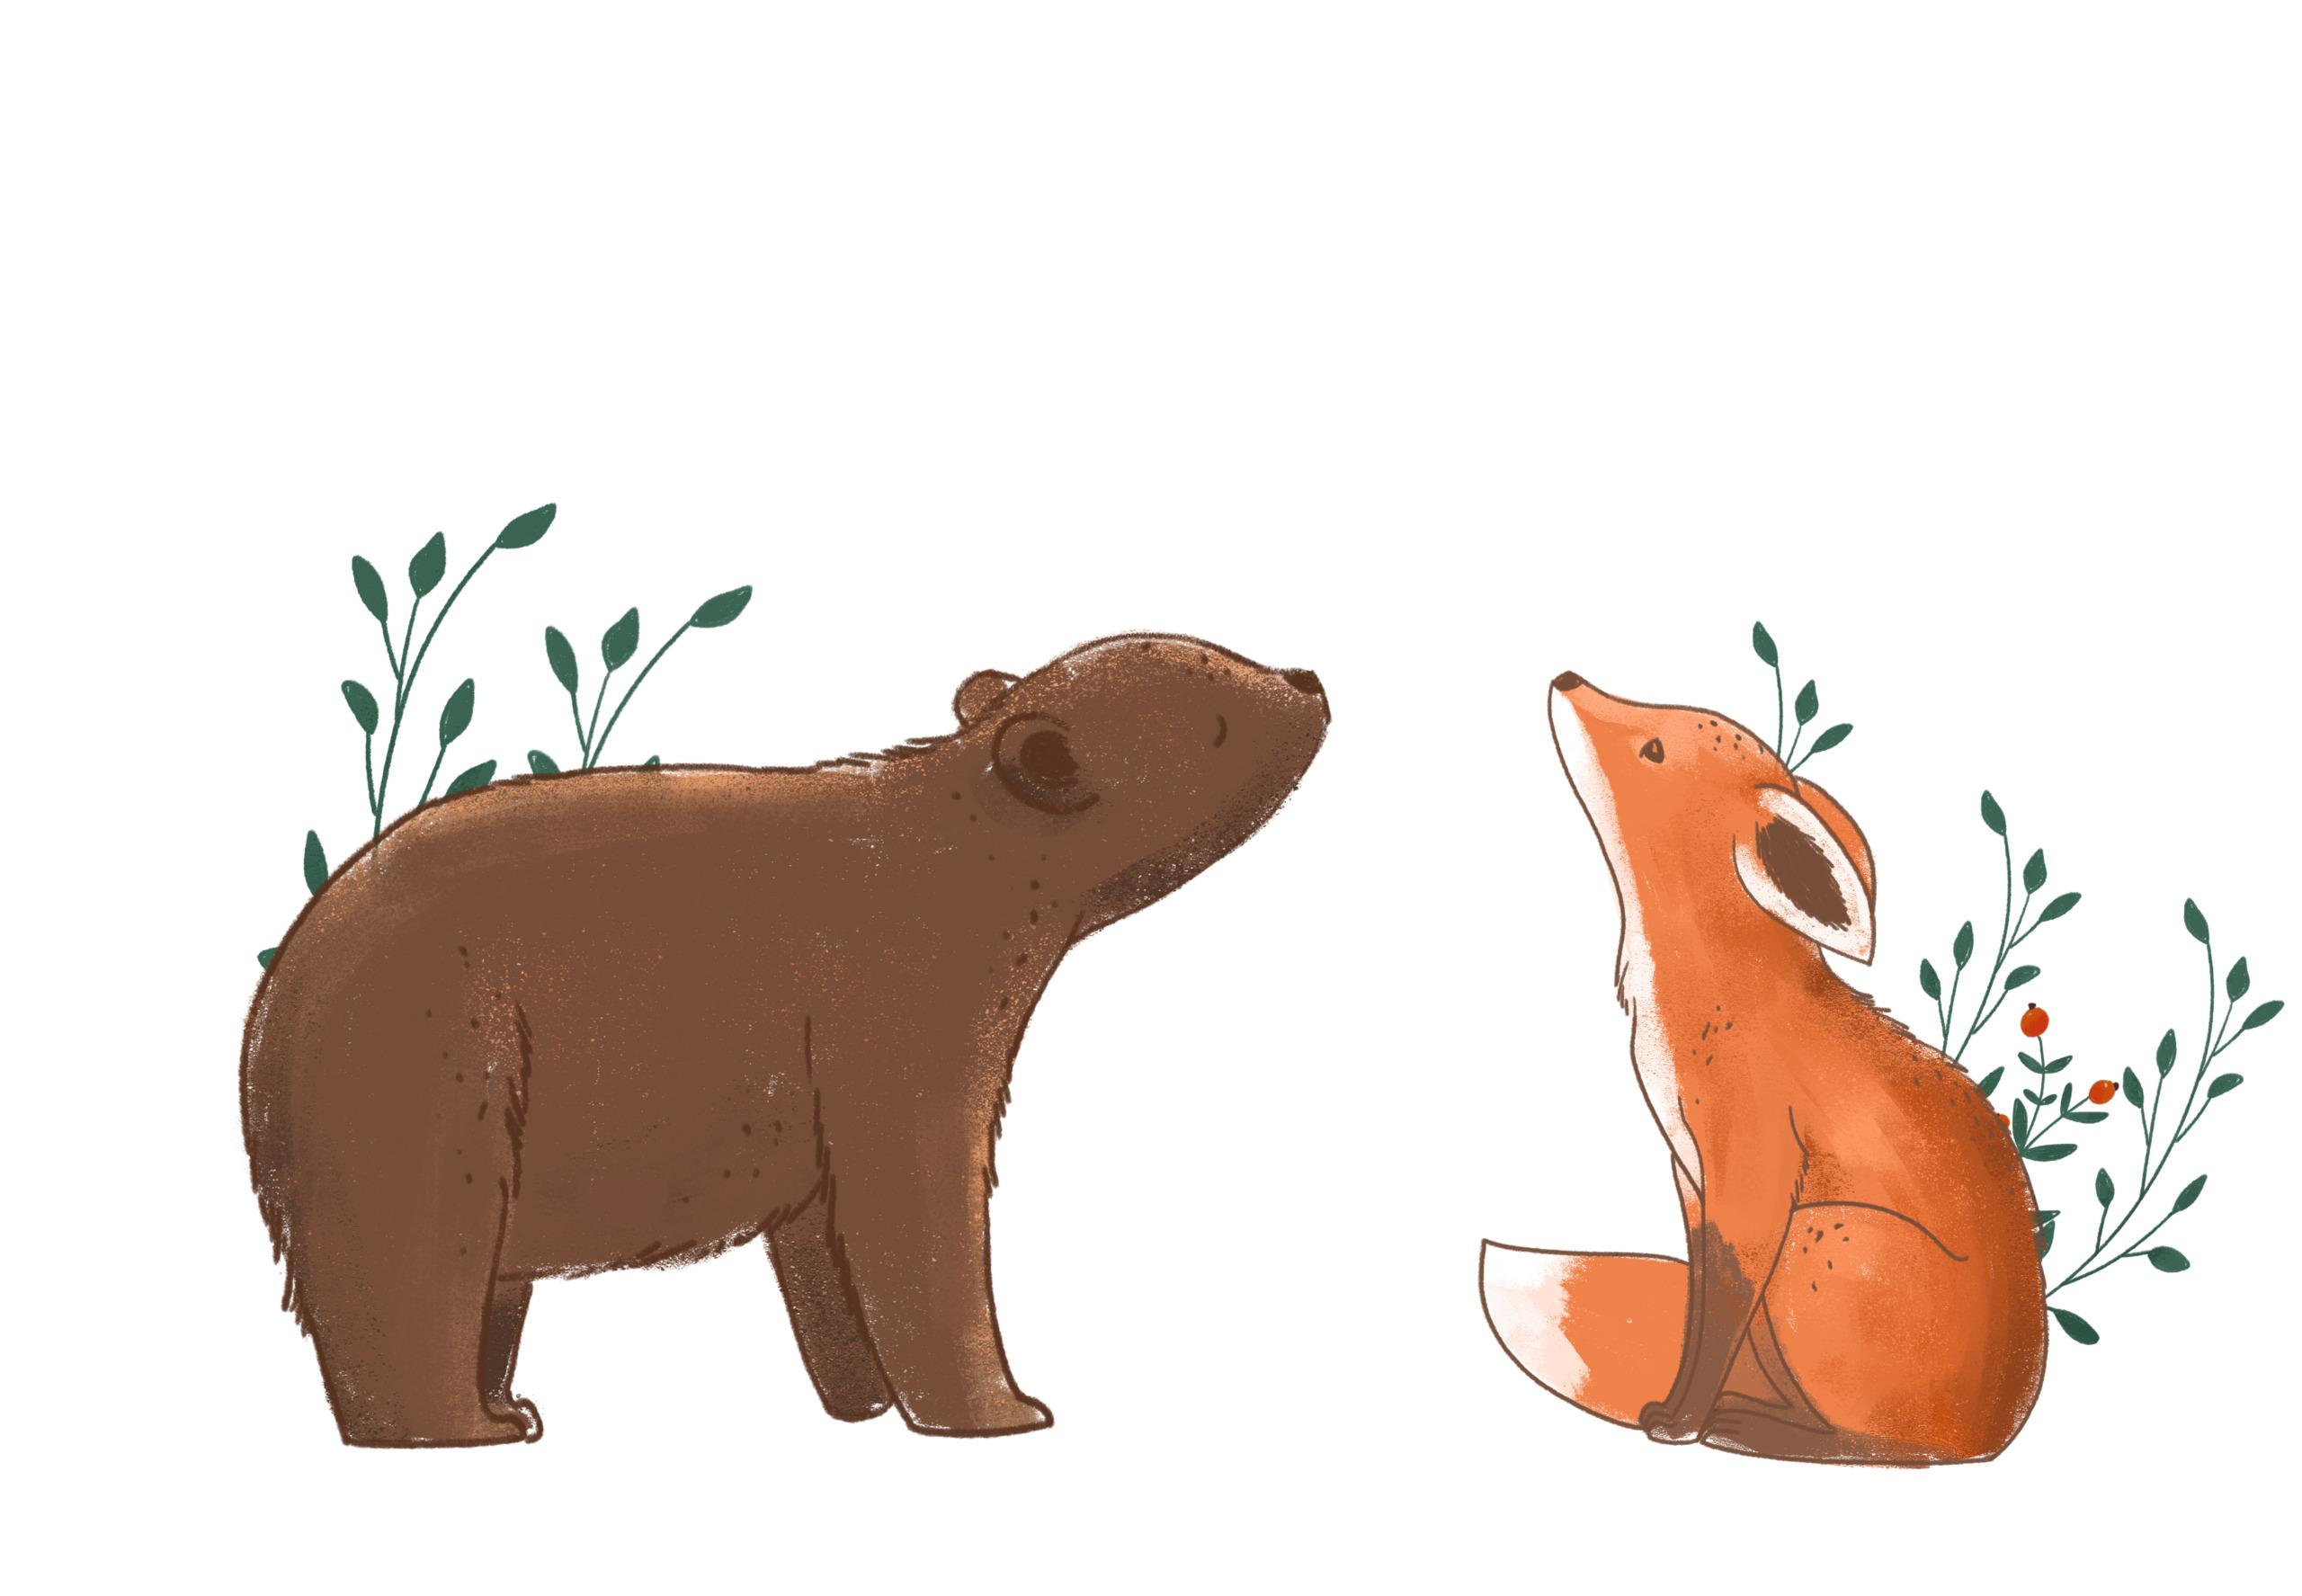 Myran, björnen och räven vägleder till rätt kultur på företaget Mum. Bild Adobe Stock.